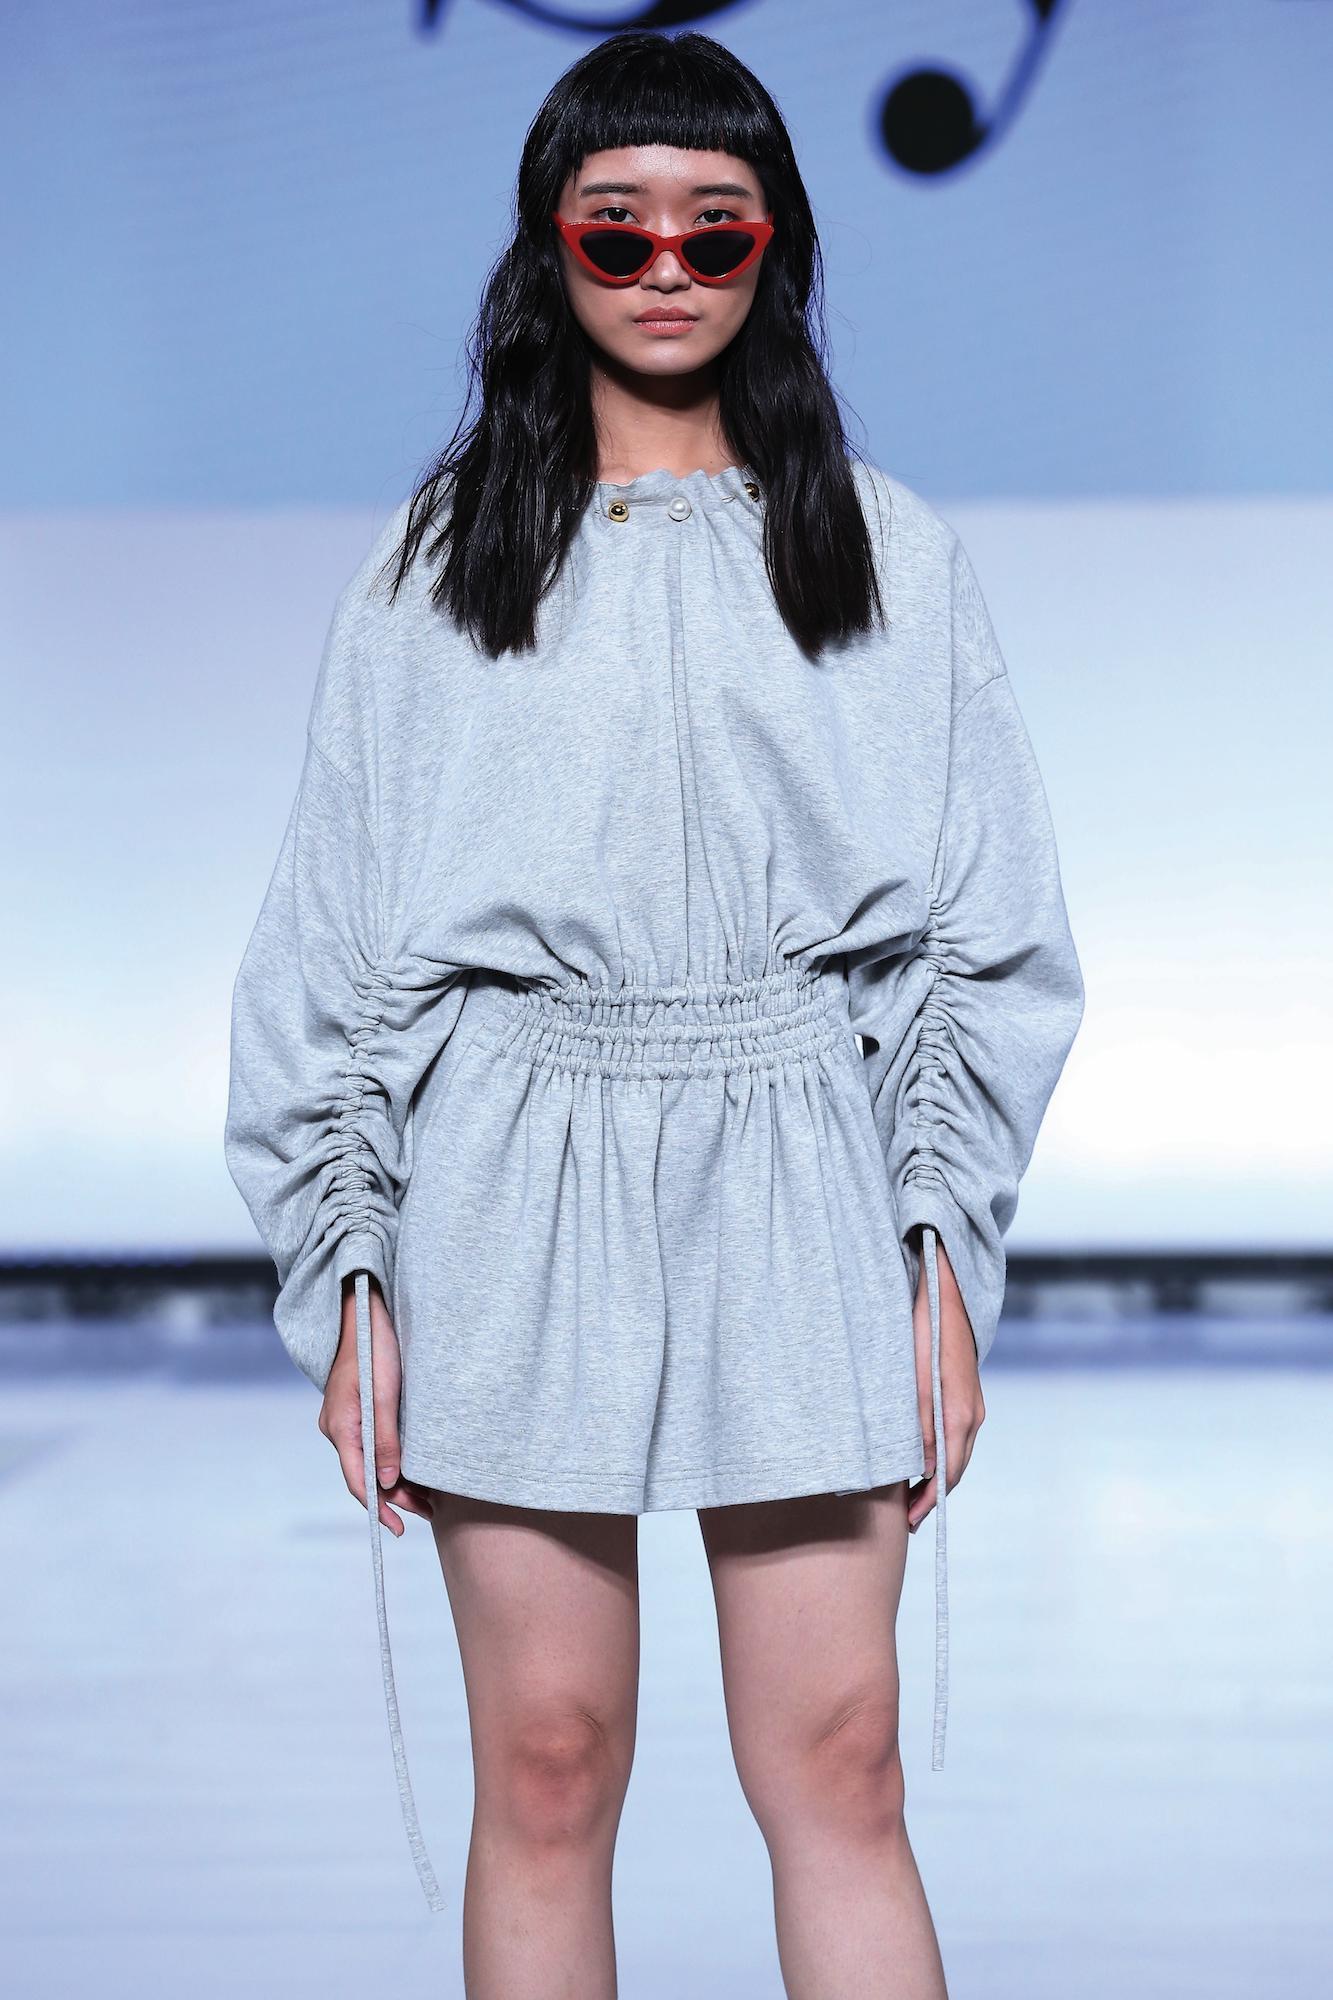 Wanita asia dengan model rambut panjang tanpa layer dan poni pendek – Jakarta Fashion Week 2019